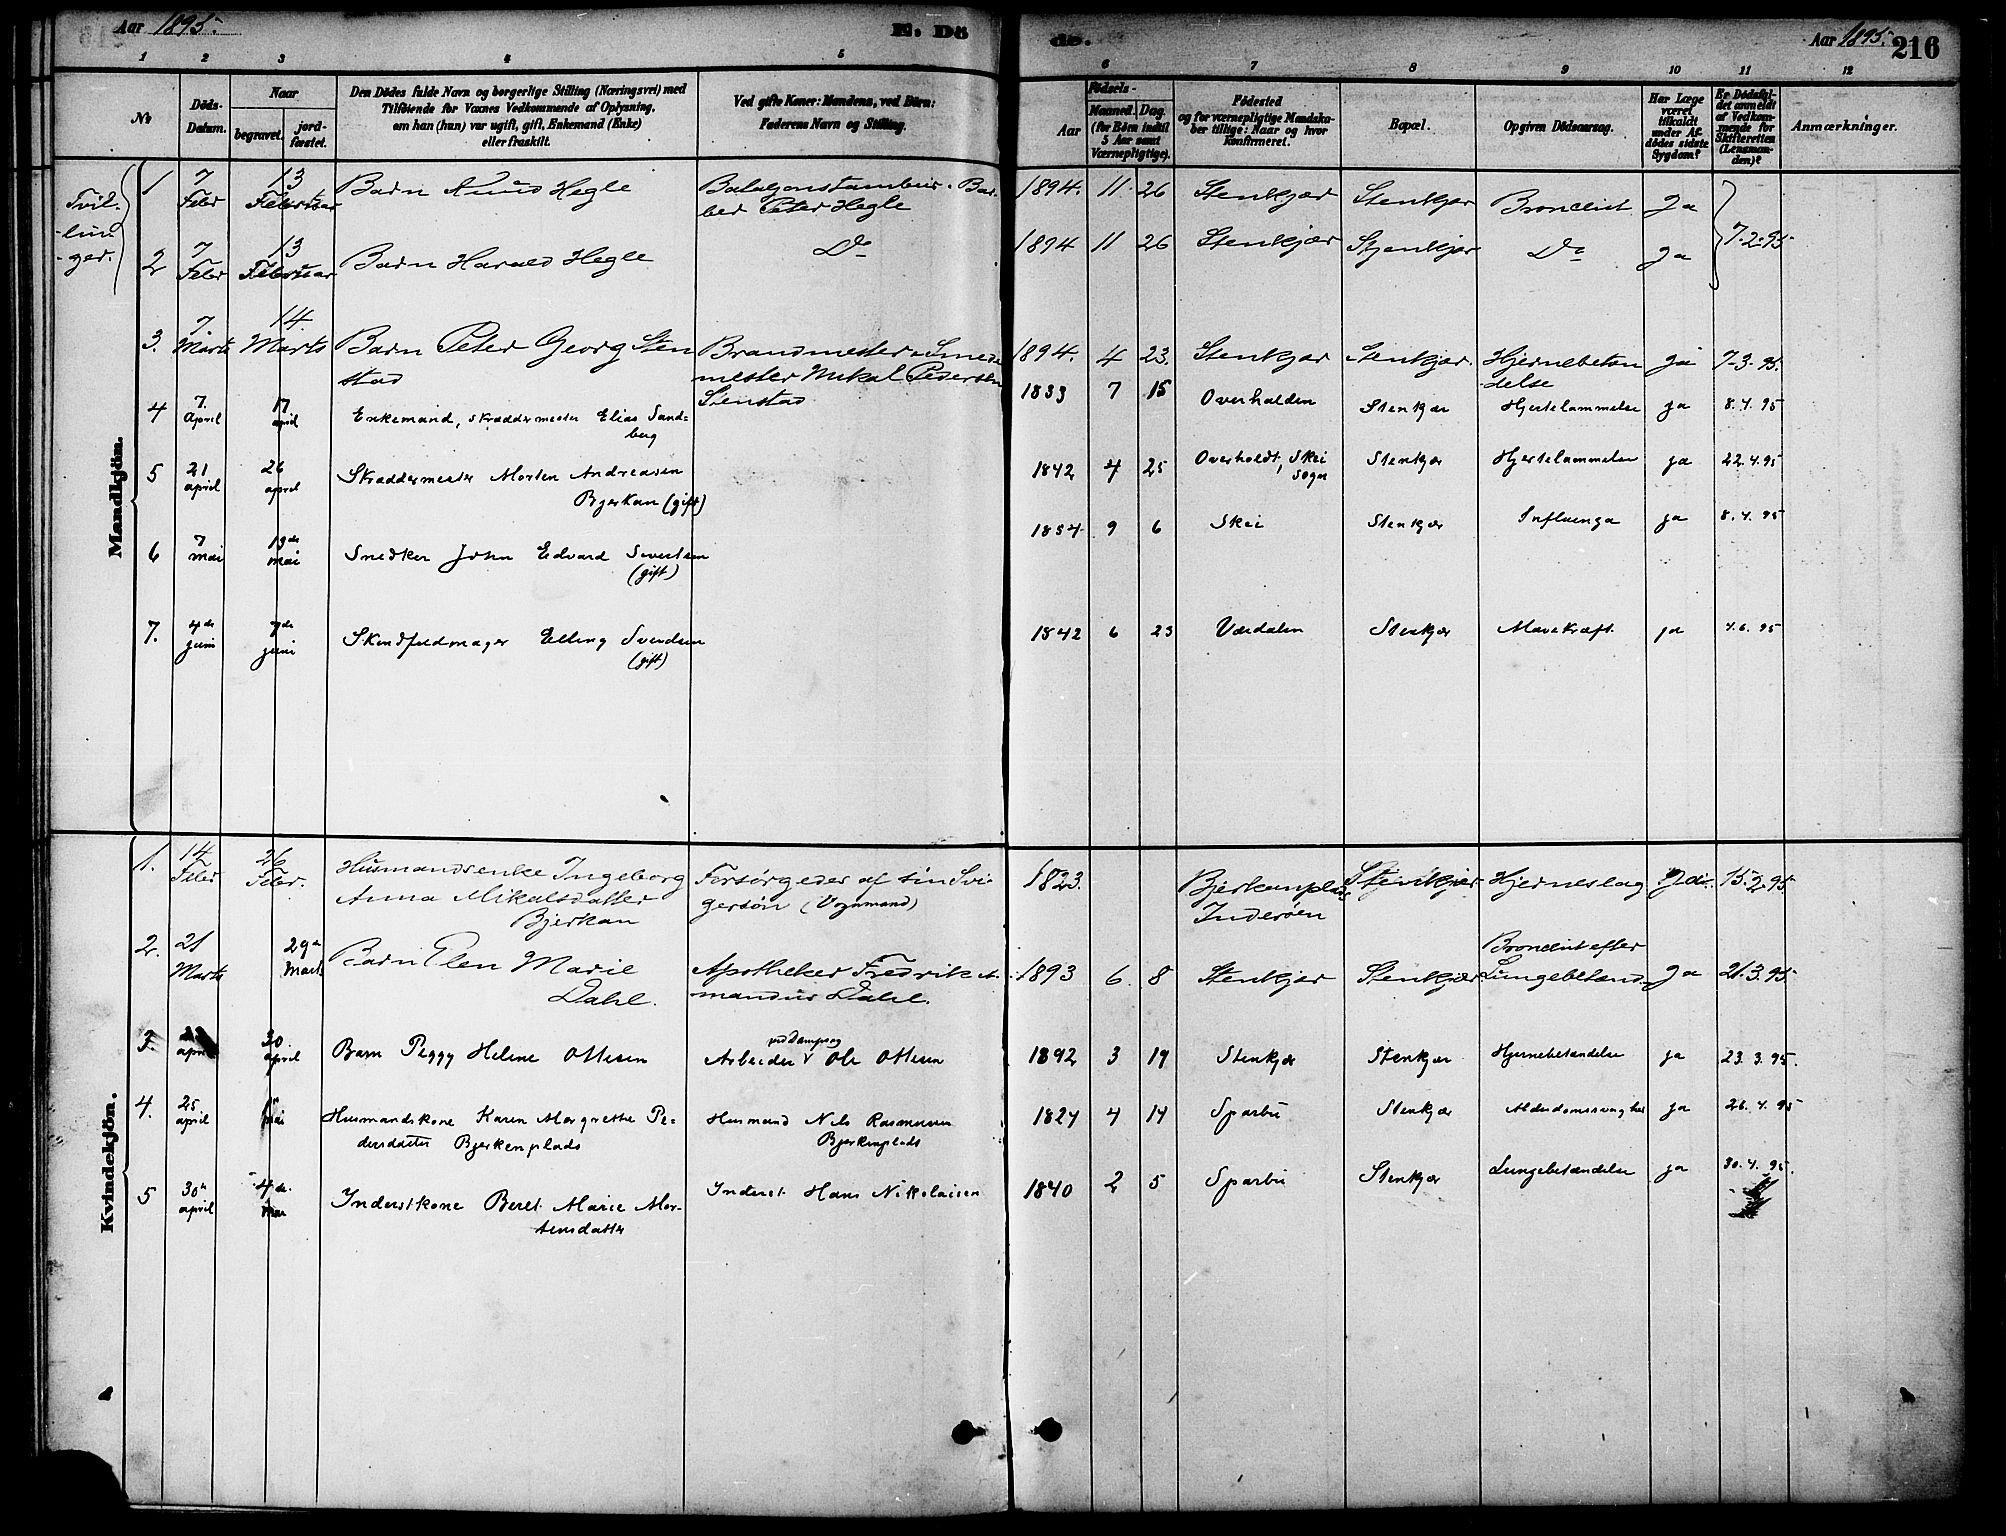 SAT, Ministerialprotokoller, klokkerbøker og fødselsregistre - Nord-Trøndelag, 739/L0371: Ministerialbok nr. 739A03, 1881-1895, s. 216